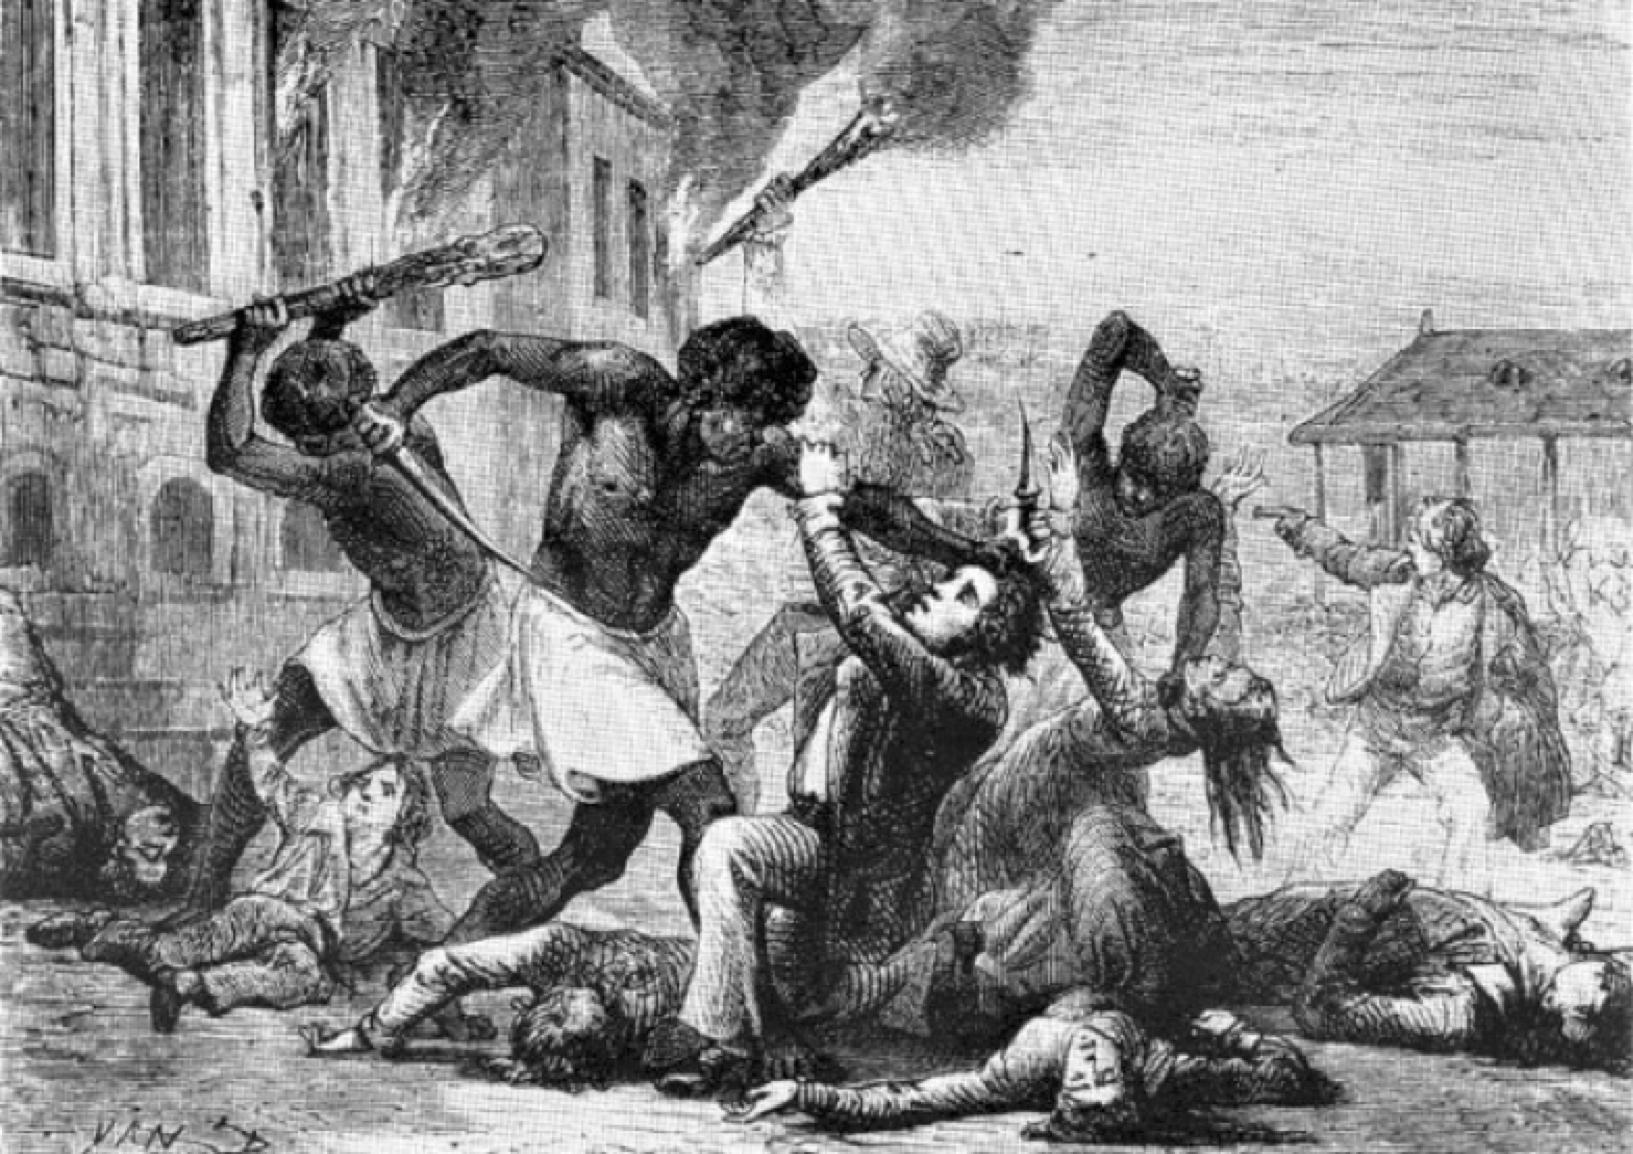 Zeitgenössische Darstellung eines Massakers an Weißen durch Schwarze bei der haitianischen Revolution 1791.